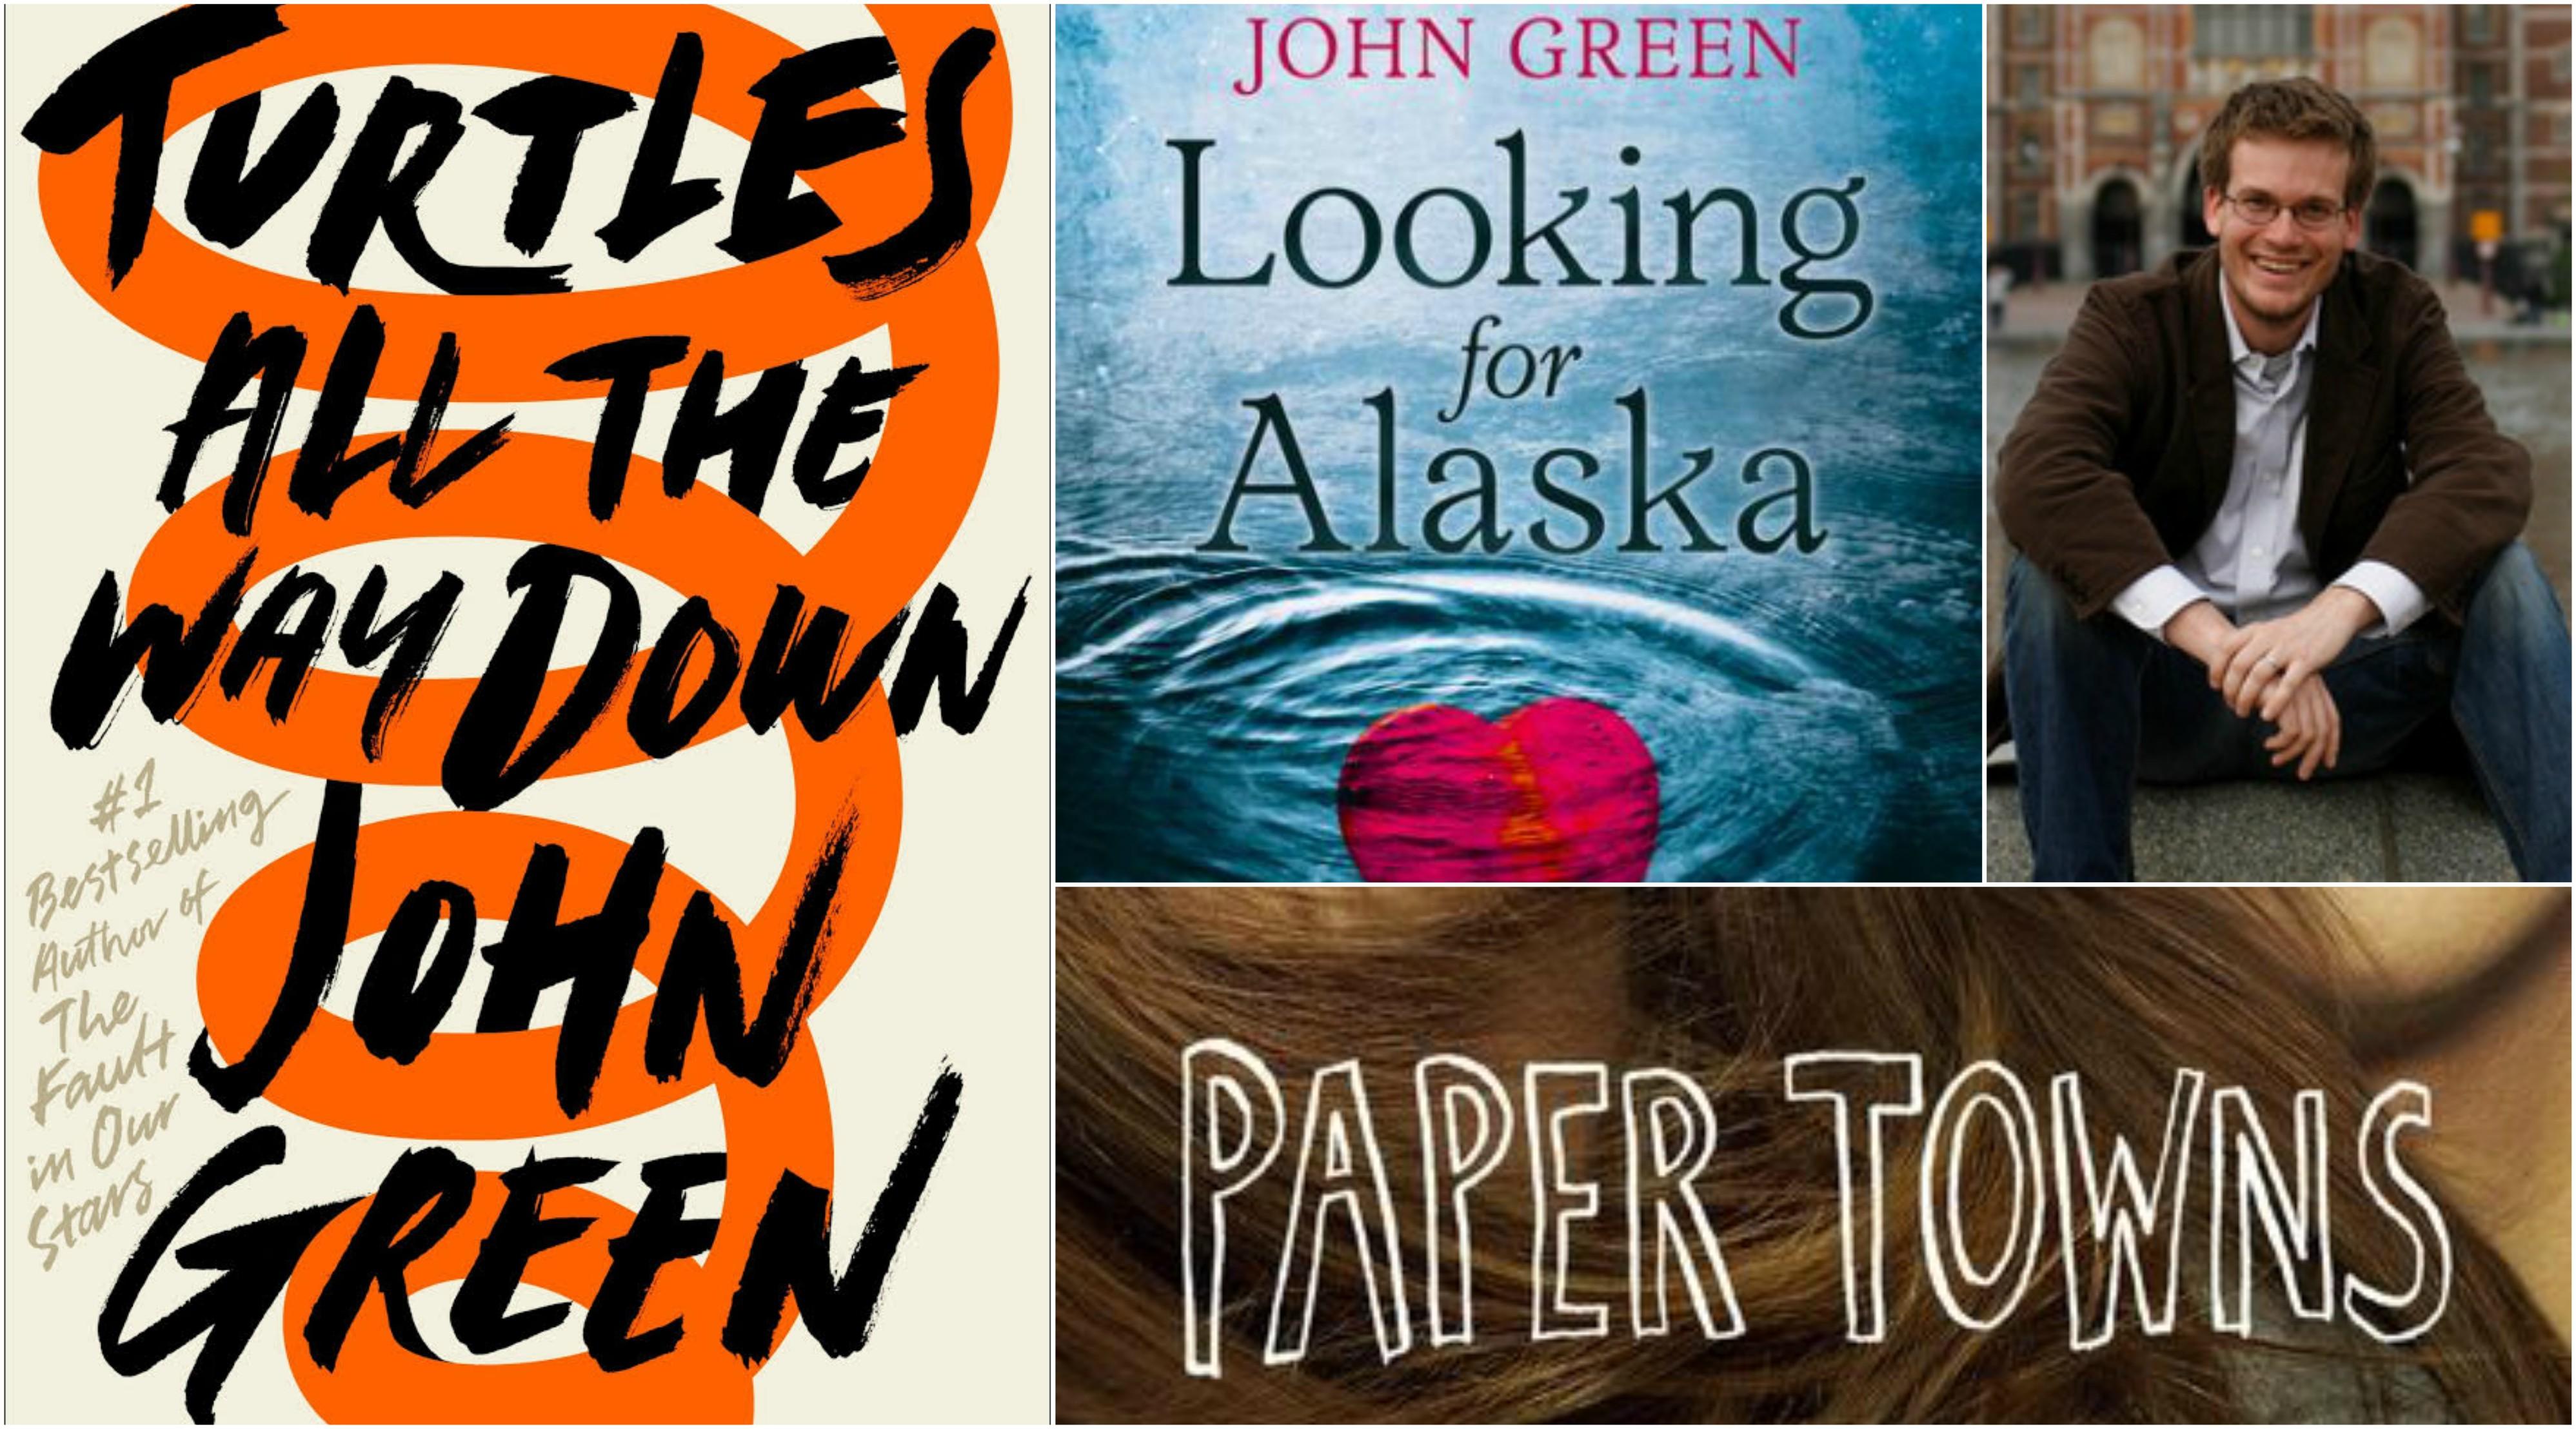 John Green új könyve - Turtles All the Way Down